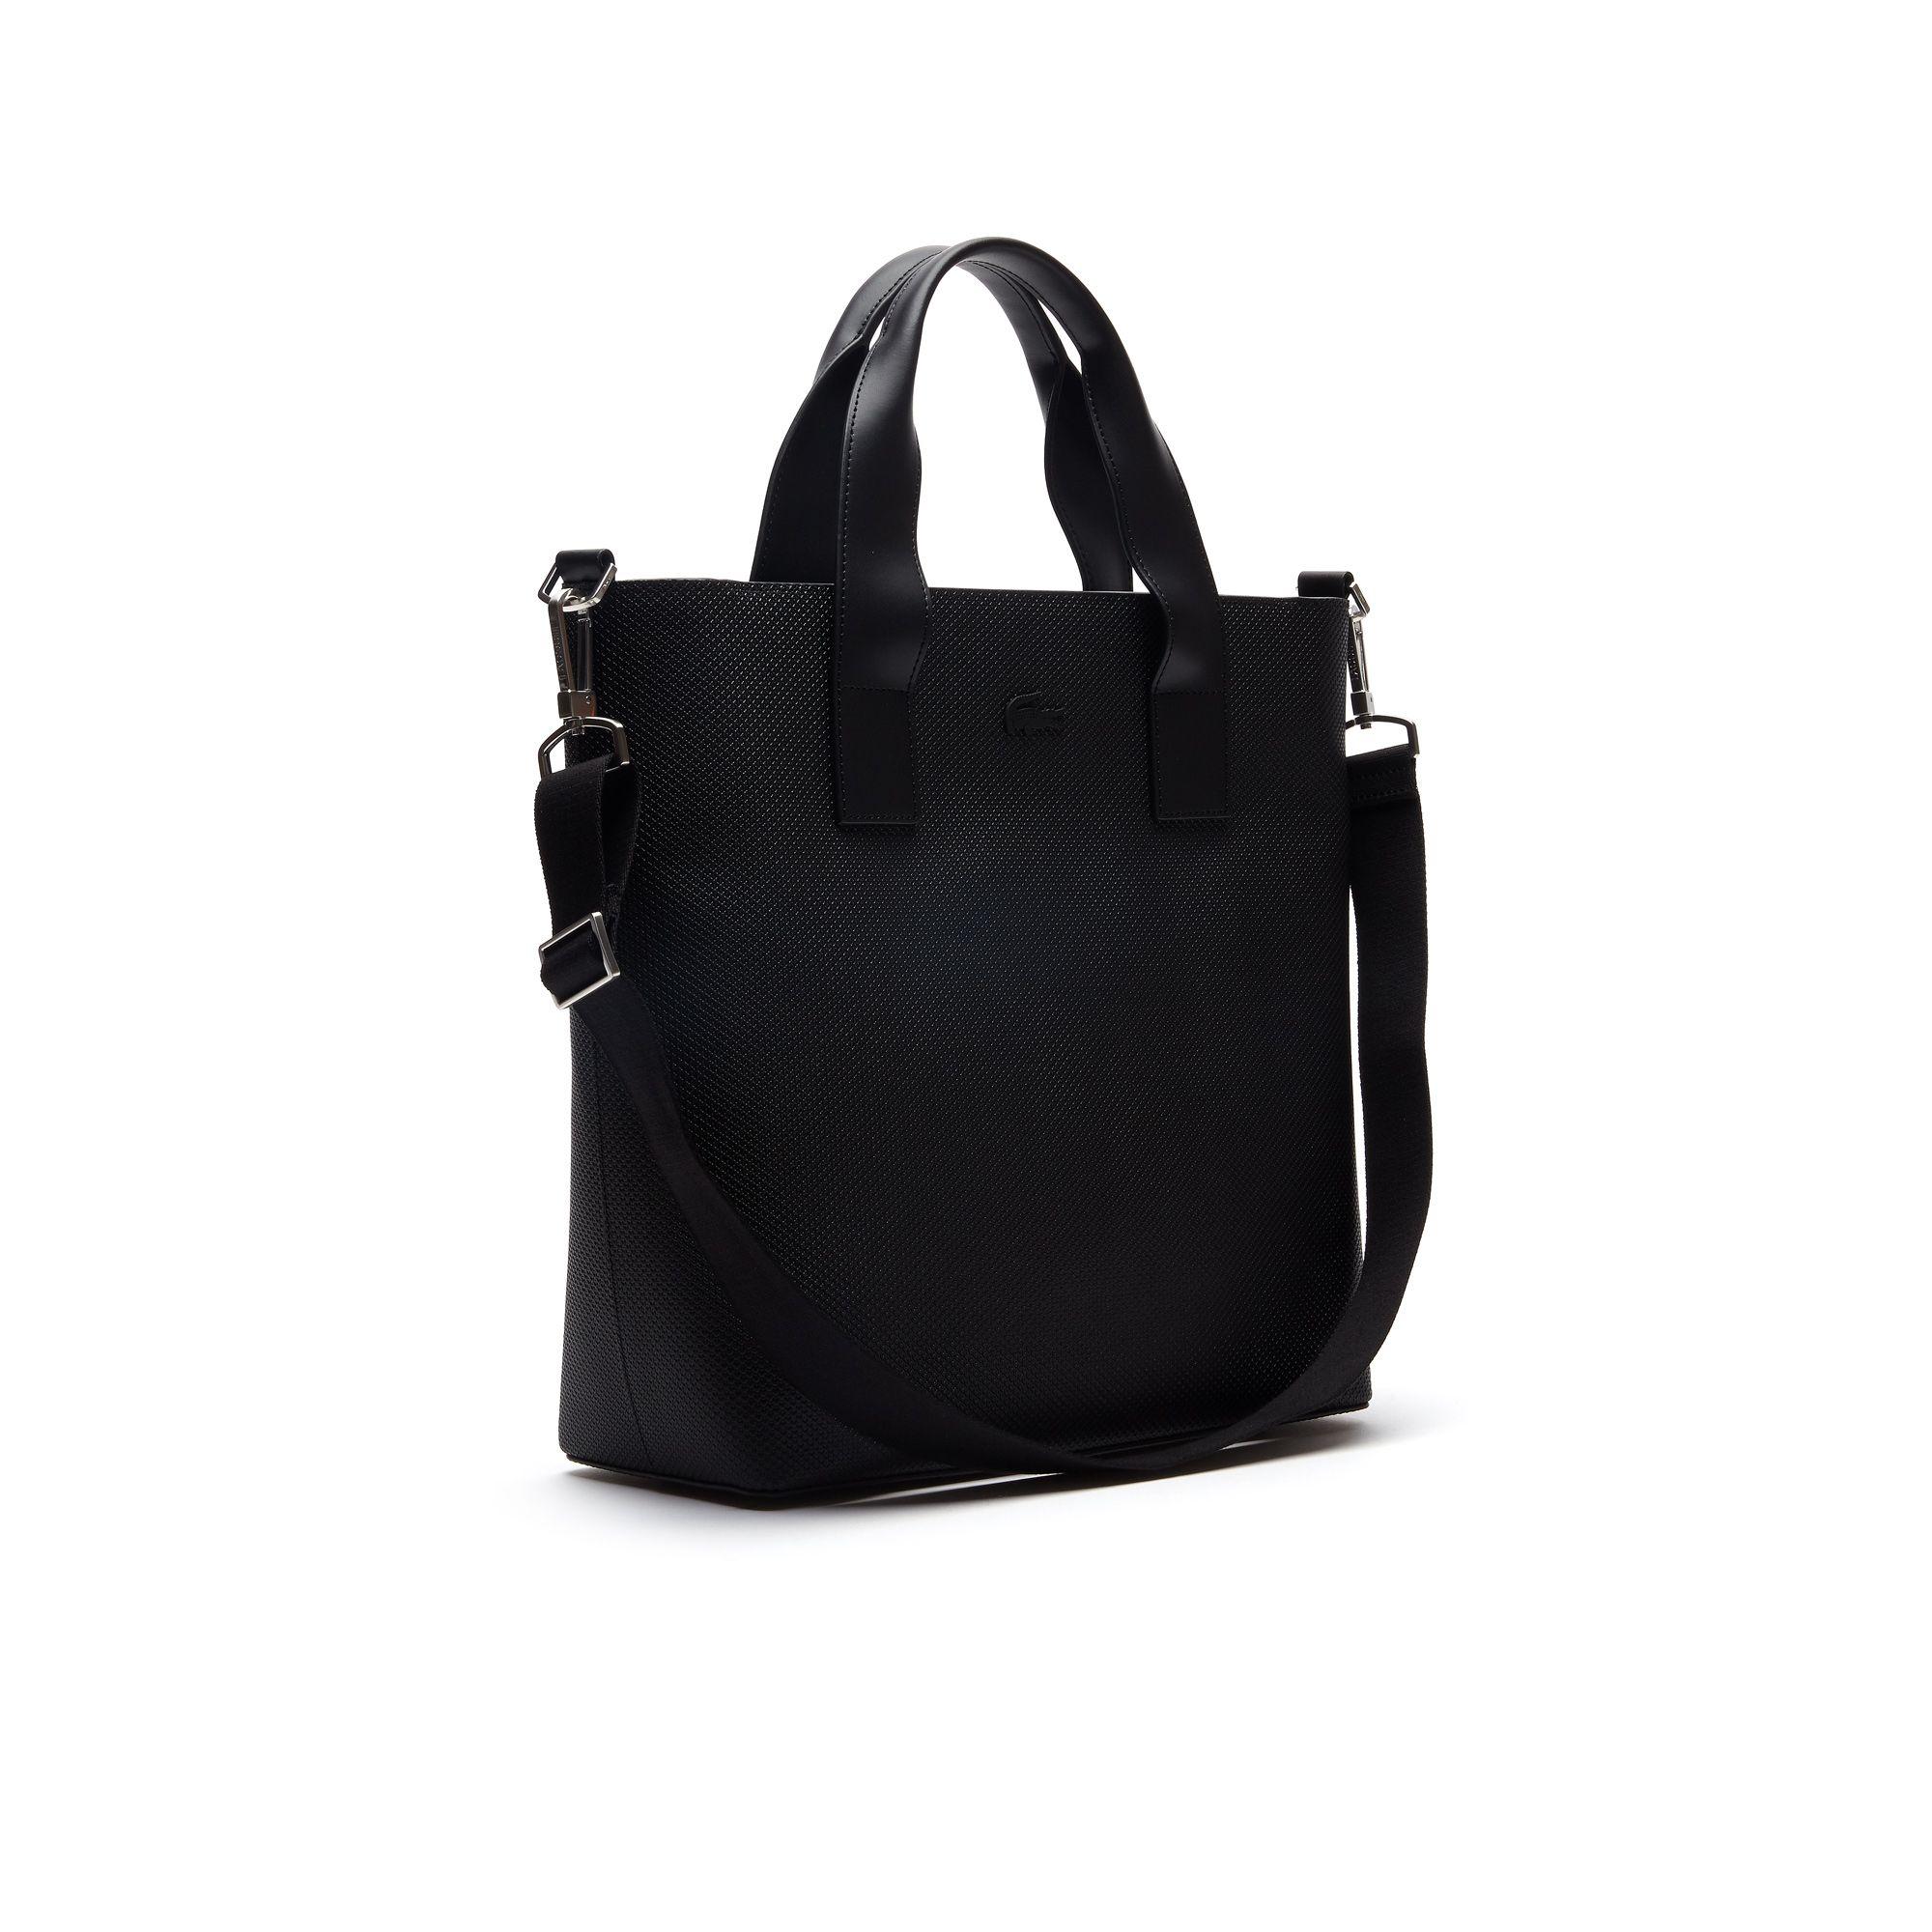 ccee2d7e119 Men's Chantaco Piqué Leather Vertical Tote Bag   Accessories & Bags ...